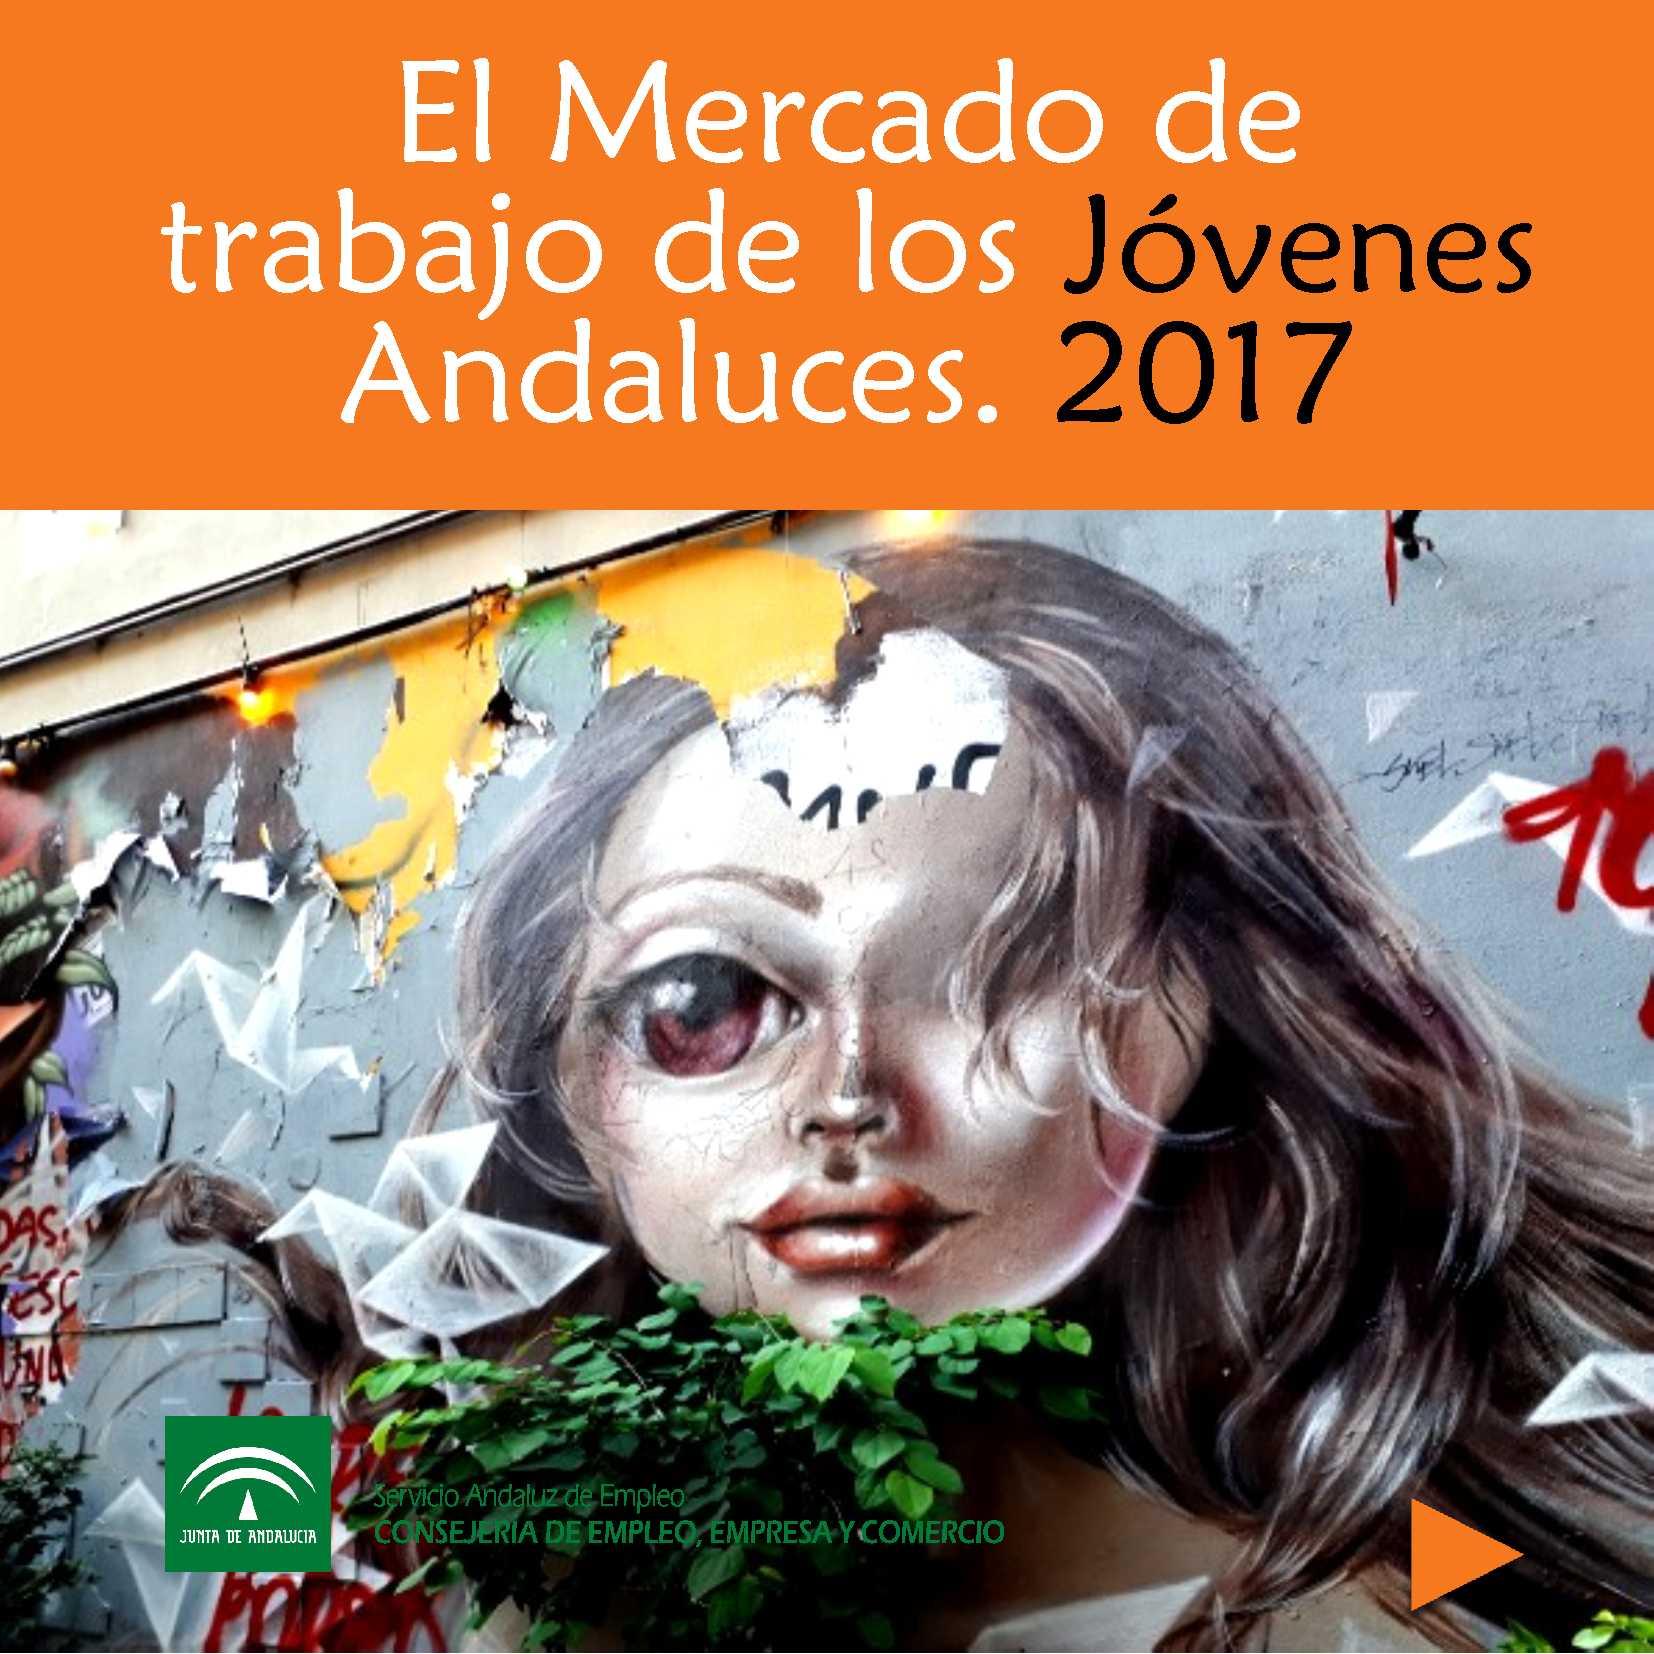 Portada del estudio del mercado de trabajo de los jóvenes andaluces. 2017